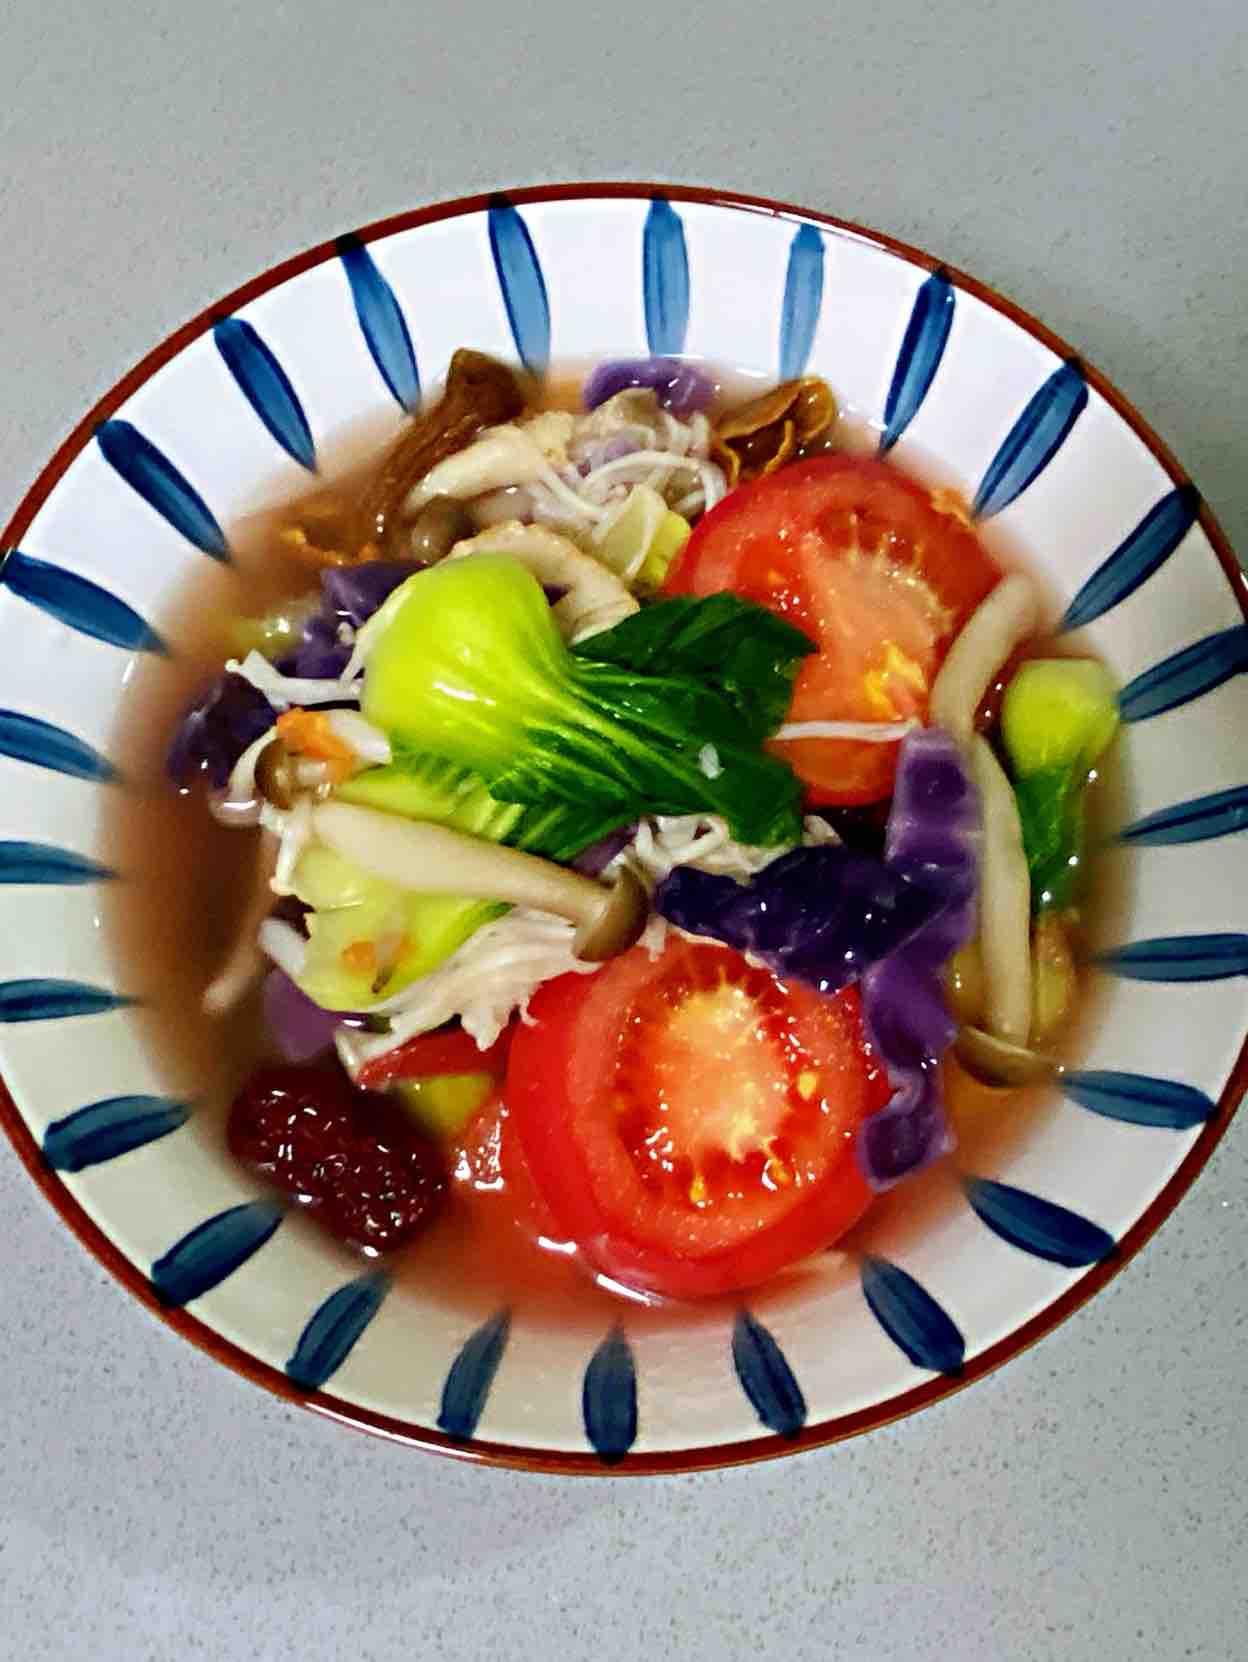 【孕妇食谱】五彩菌菇汤,鲜美低脂又营养,好吃好喝不发胖~的做法